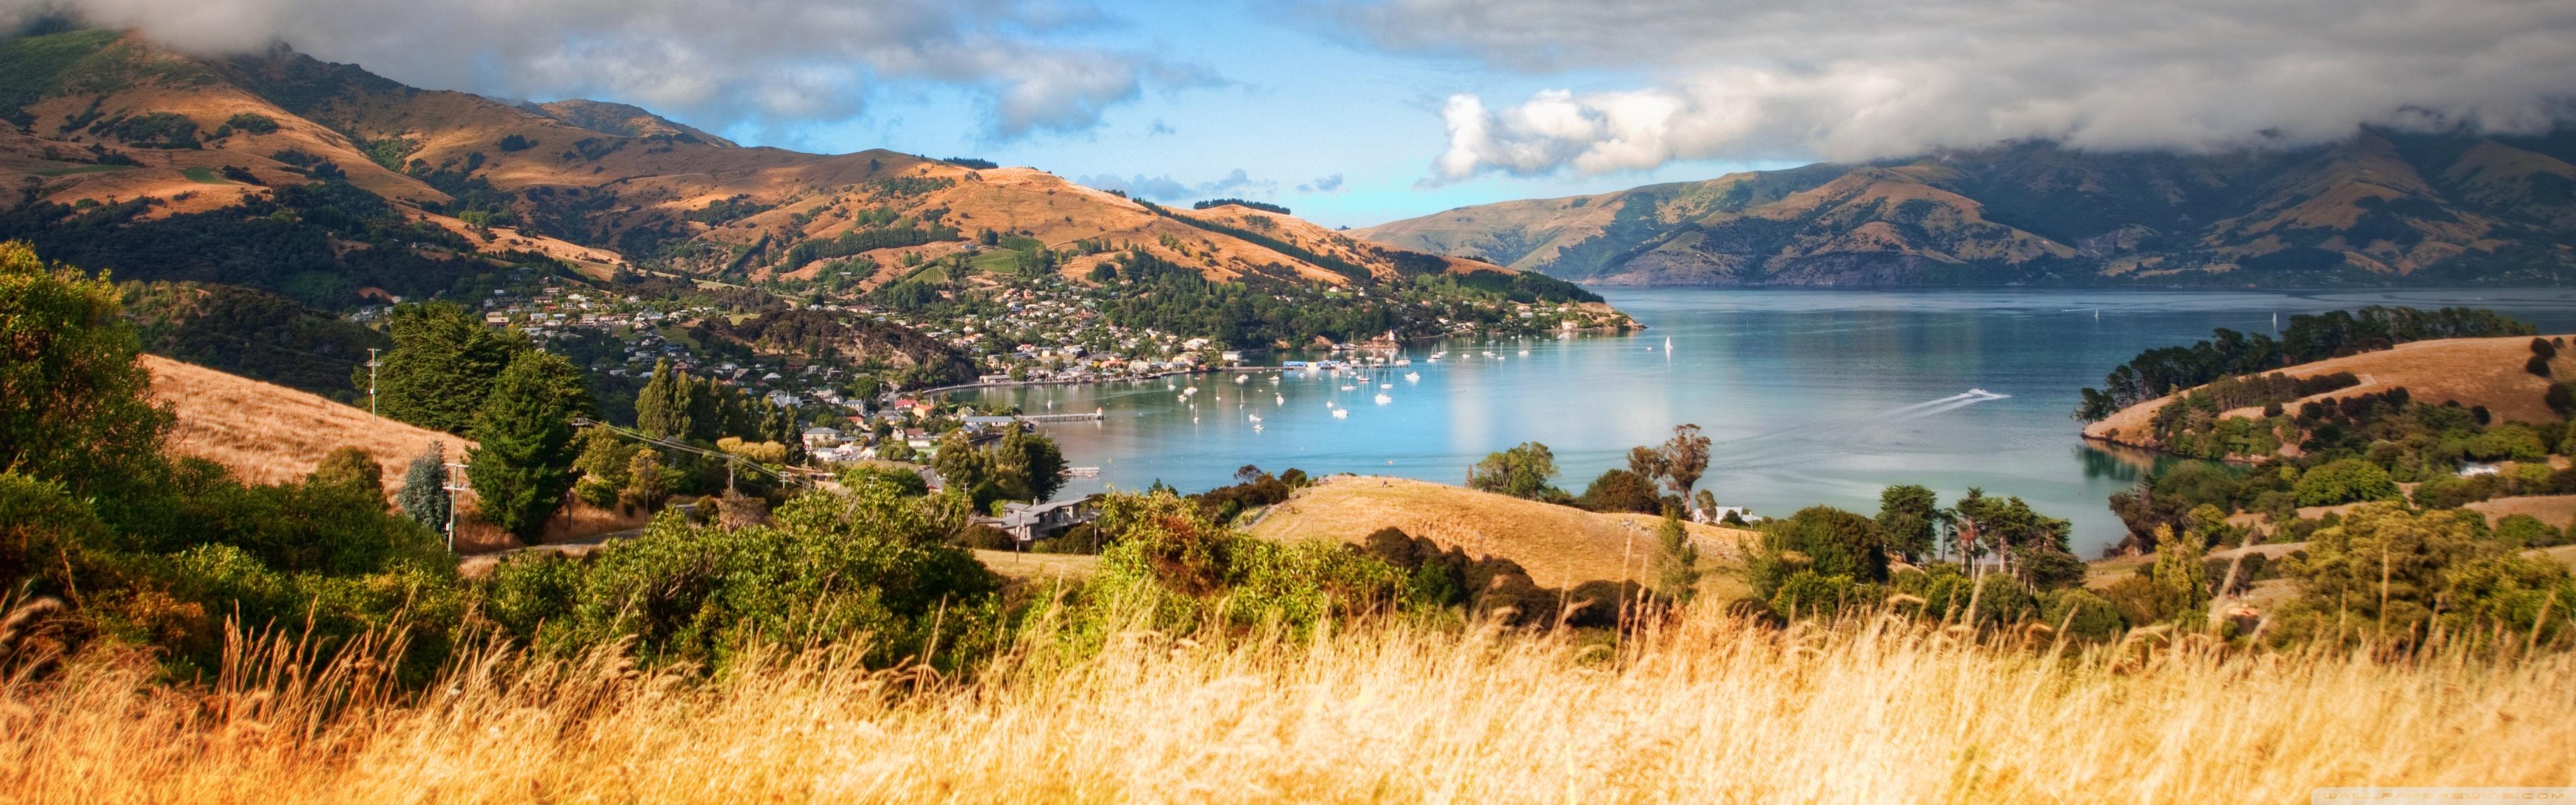 New Zealand Landscape 4k - HD Wallpaper